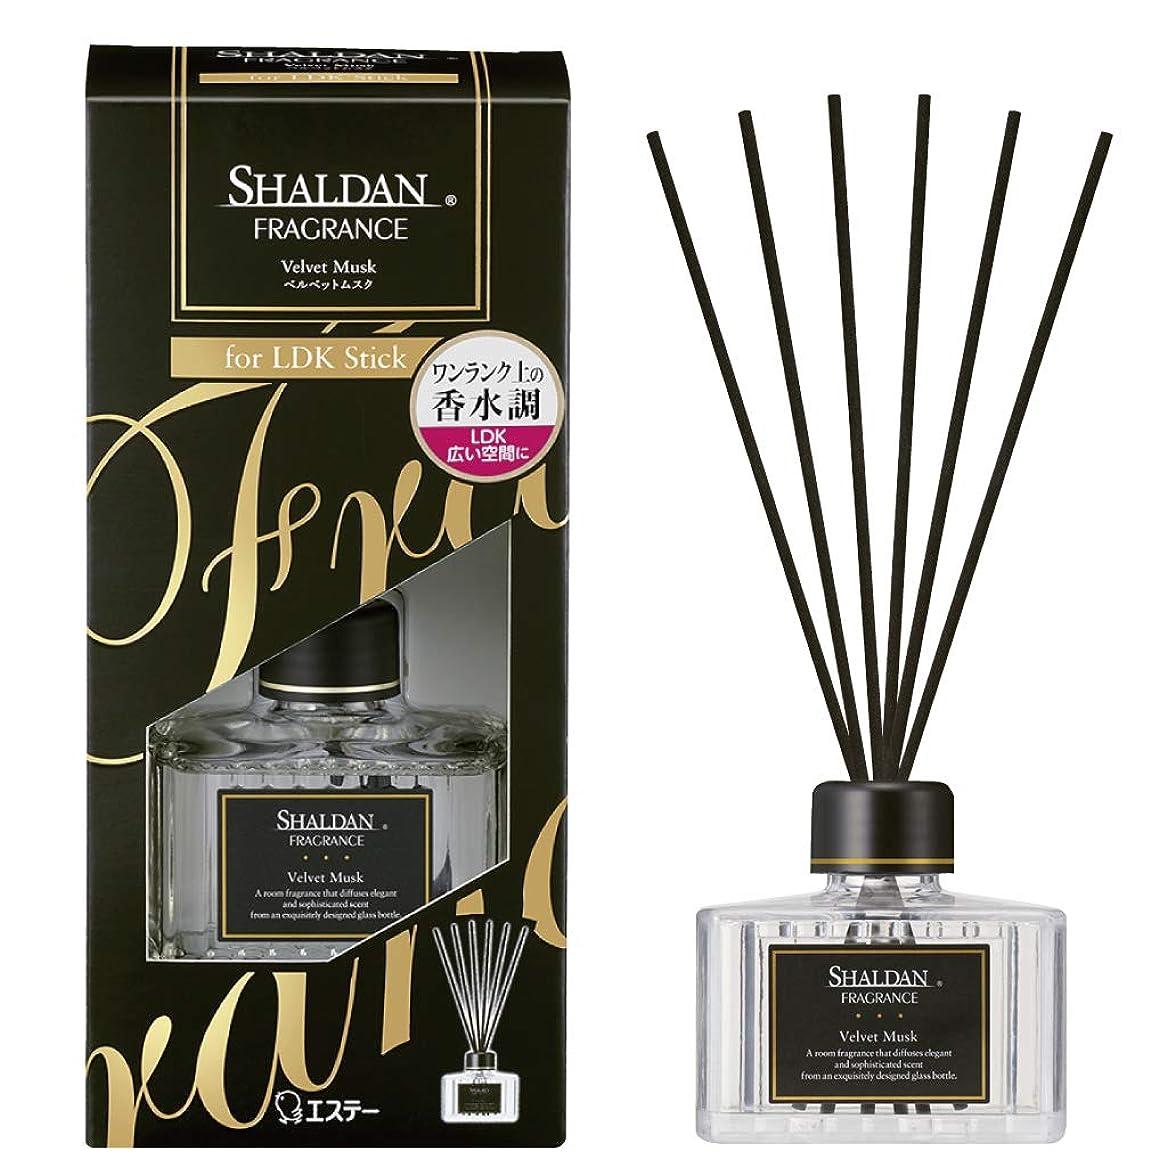 シャルダン SHALDAN フレグランス for LDK Stick 芳香剤 部屋用 部屋 本体 ベルベットムスク 80ml